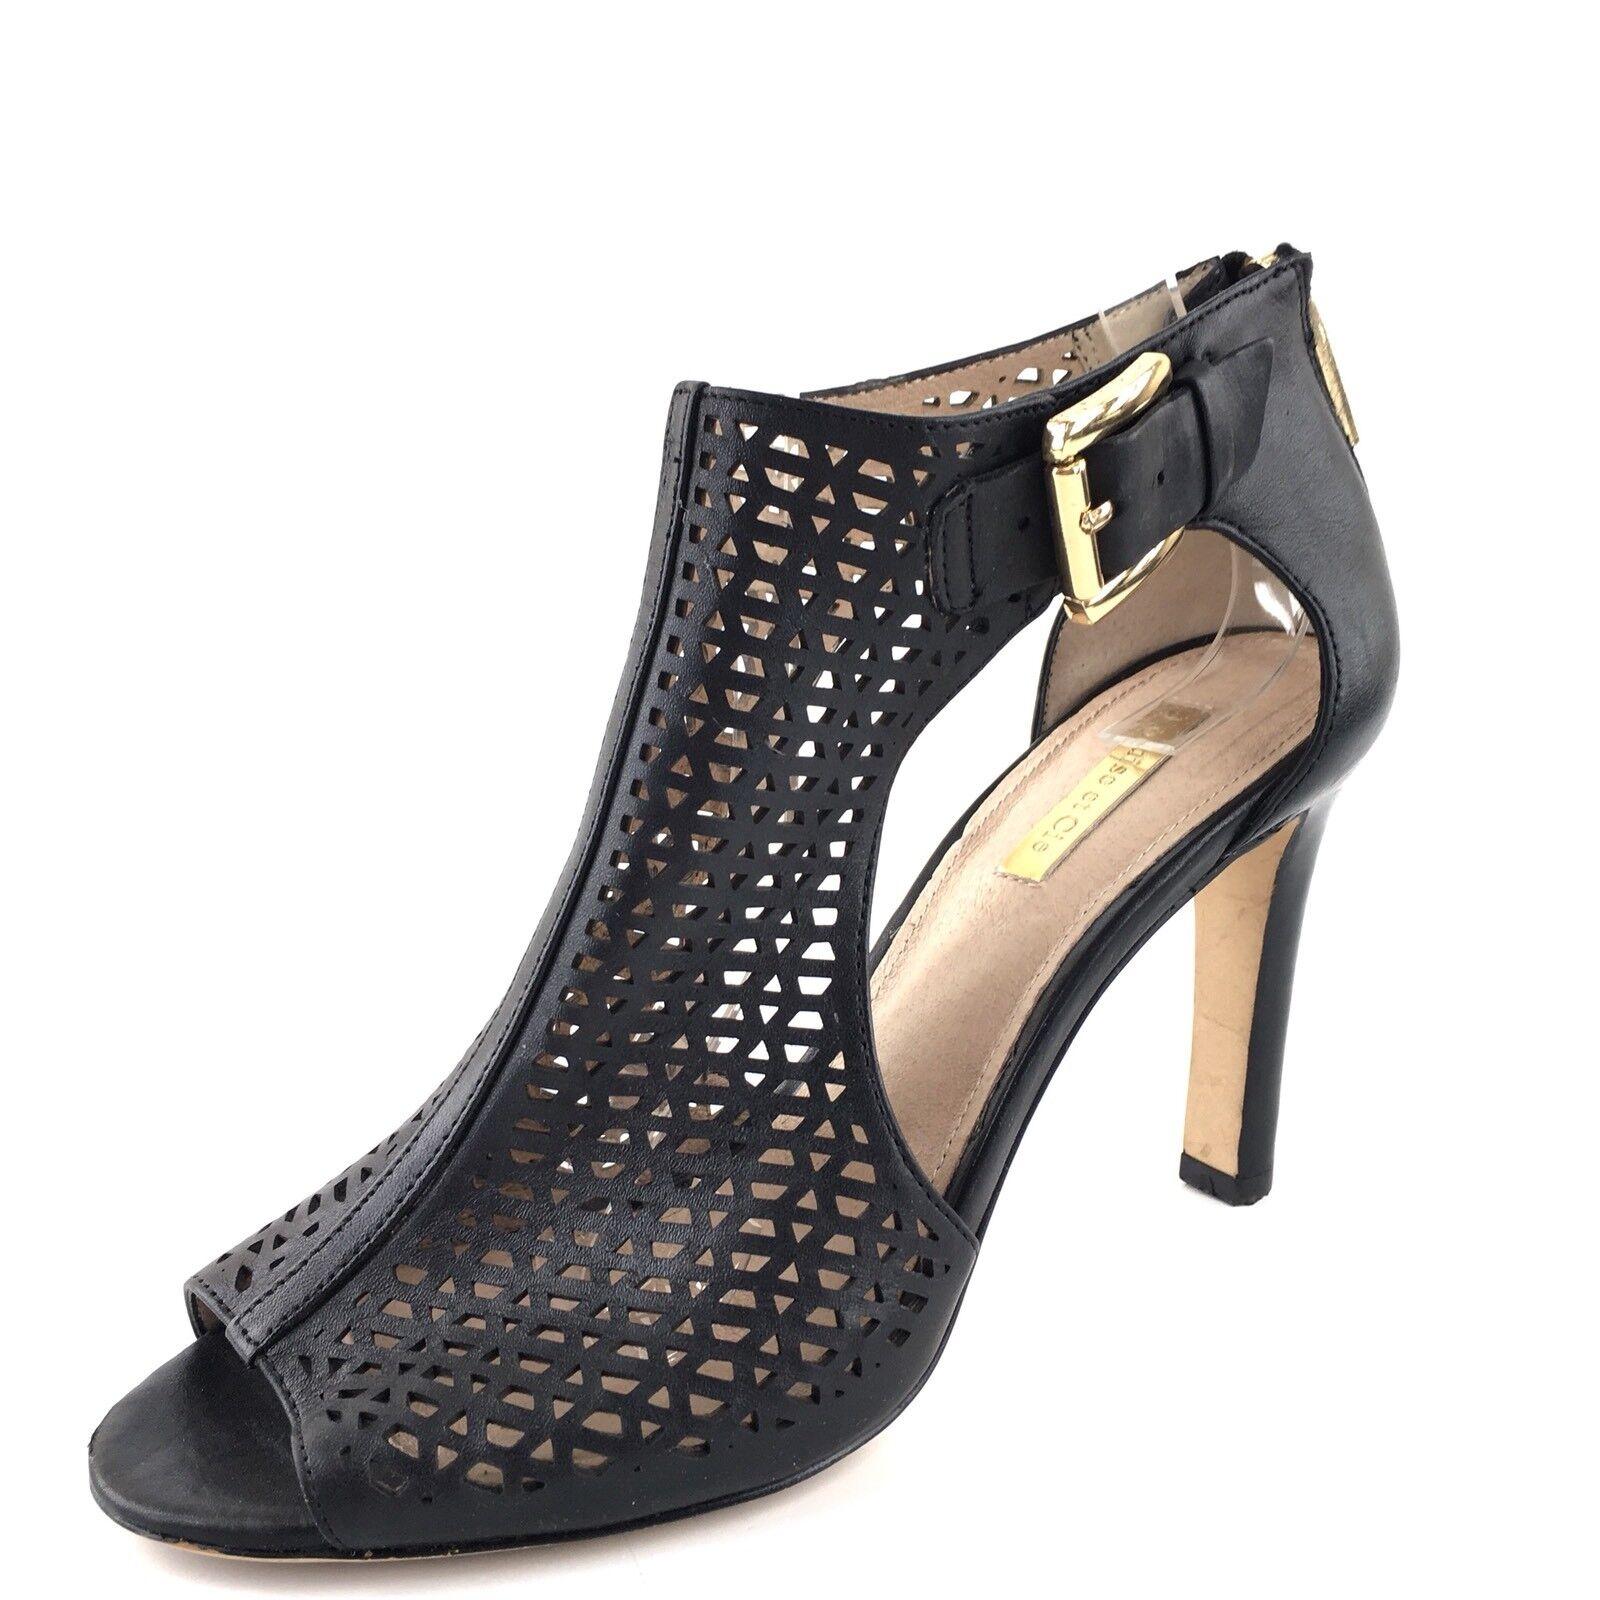 louise et cie cie cie olivia cuir noir ouvre toe bottines femme taille 7 m 6af01d